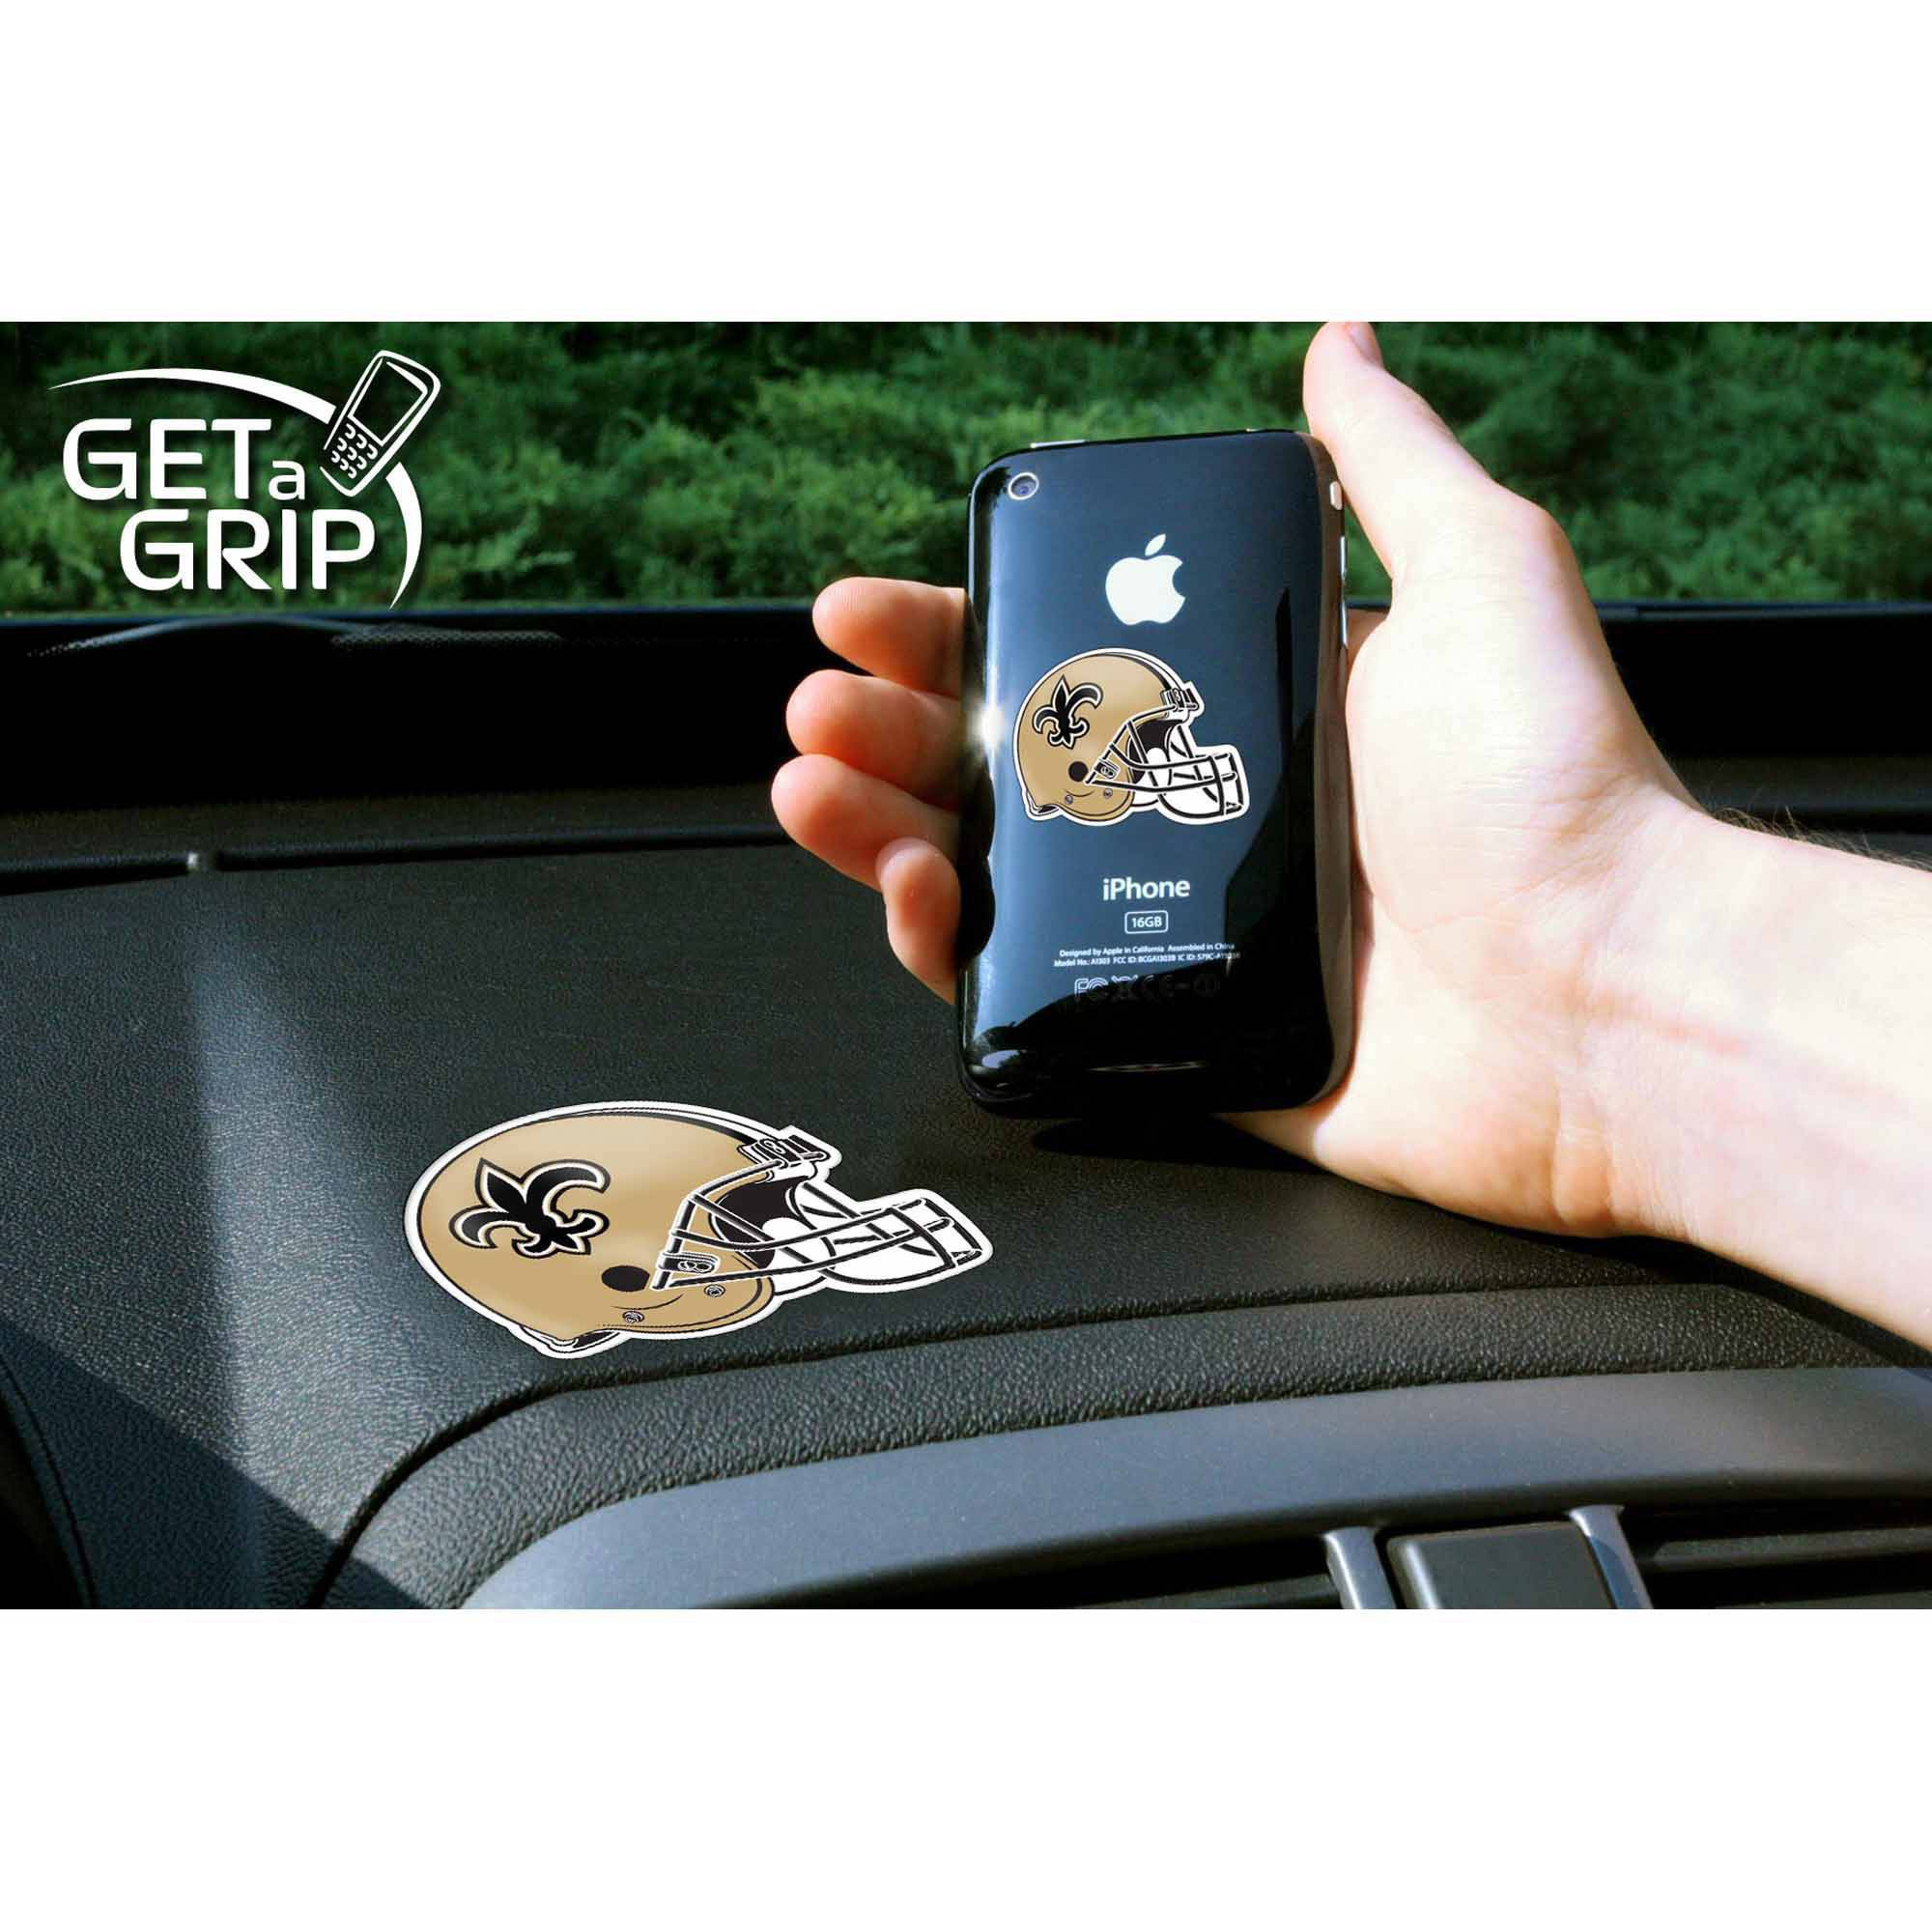 NFL New Orleans Saints Get a Grip